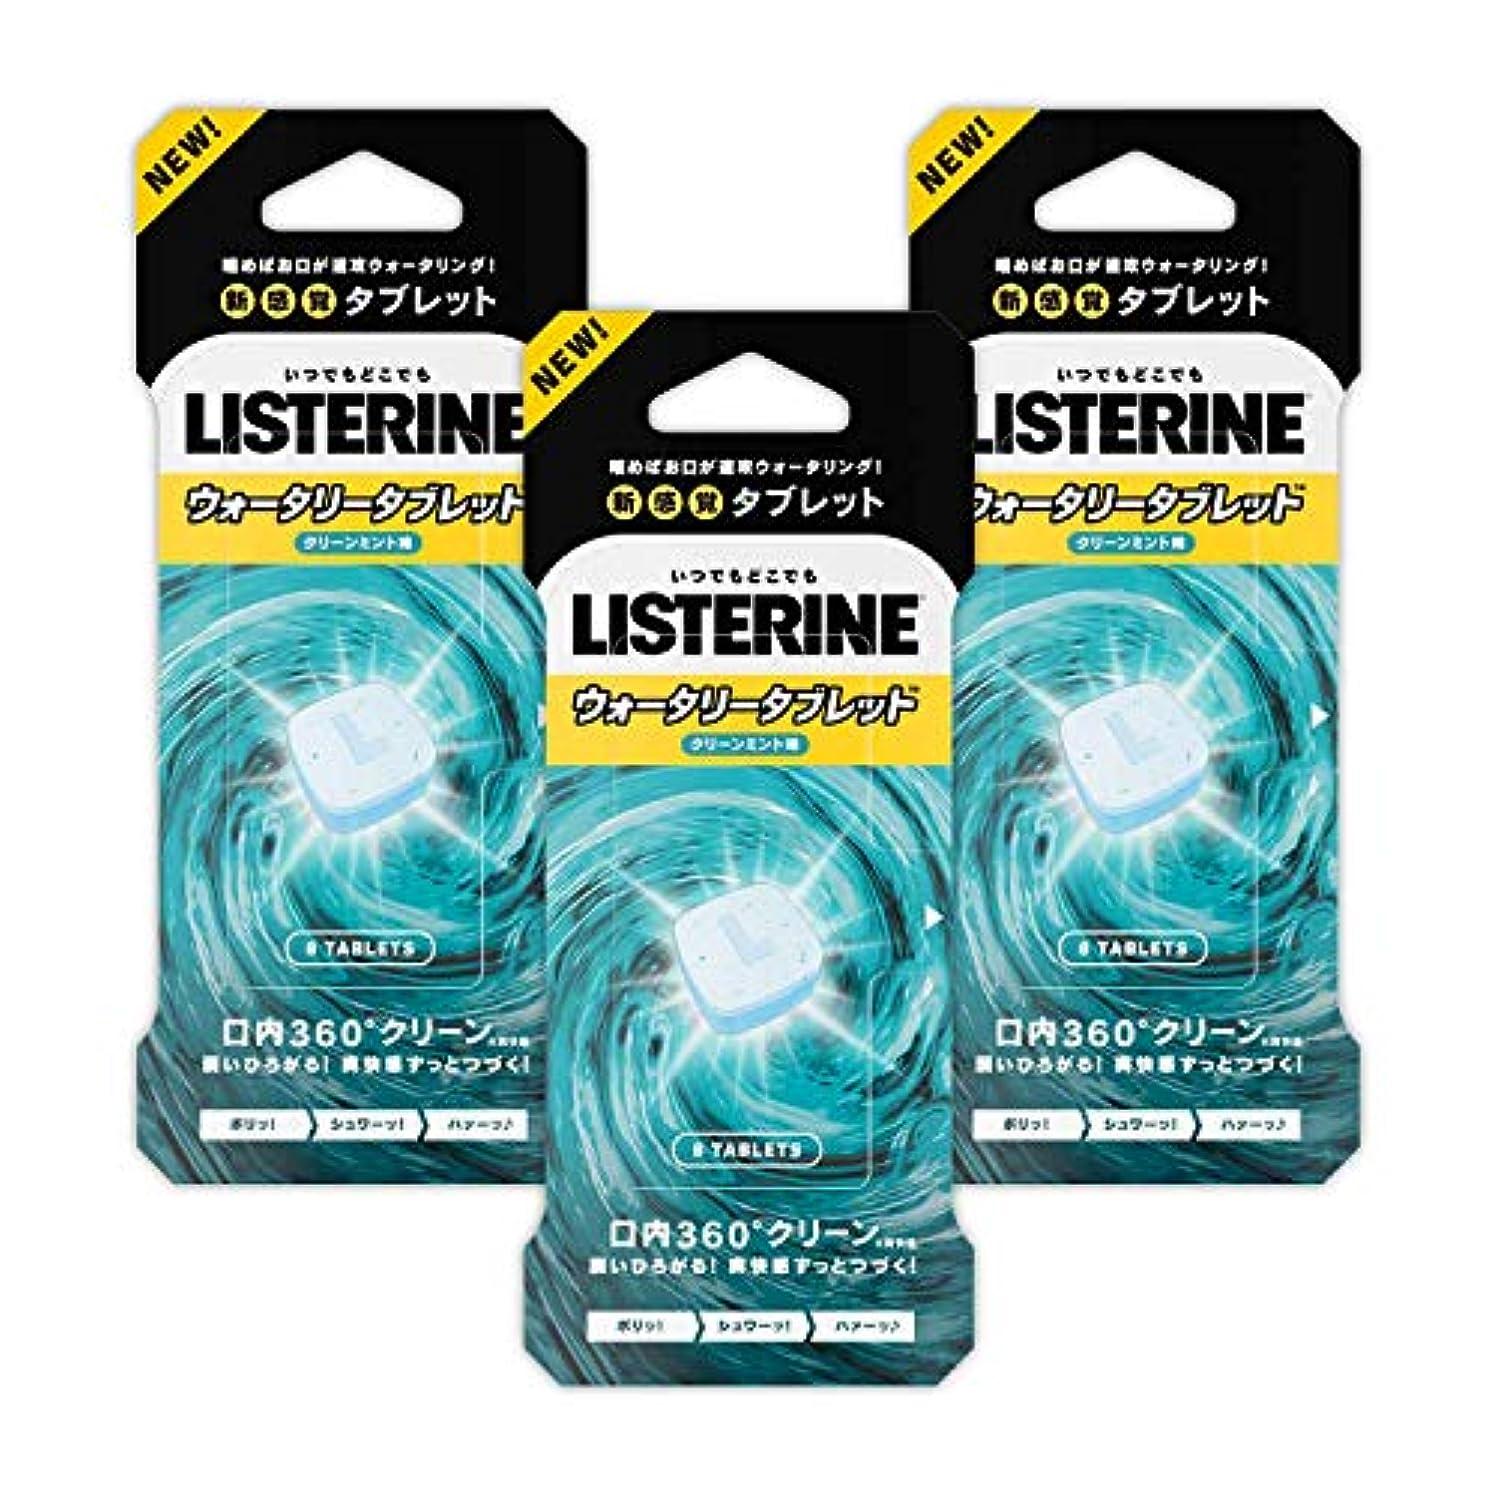 節約するトーンパトロールLISTERINE(リステリン) ウォータリータブレット マウスウォッシュ 8個入×3個 口臭清涼剤